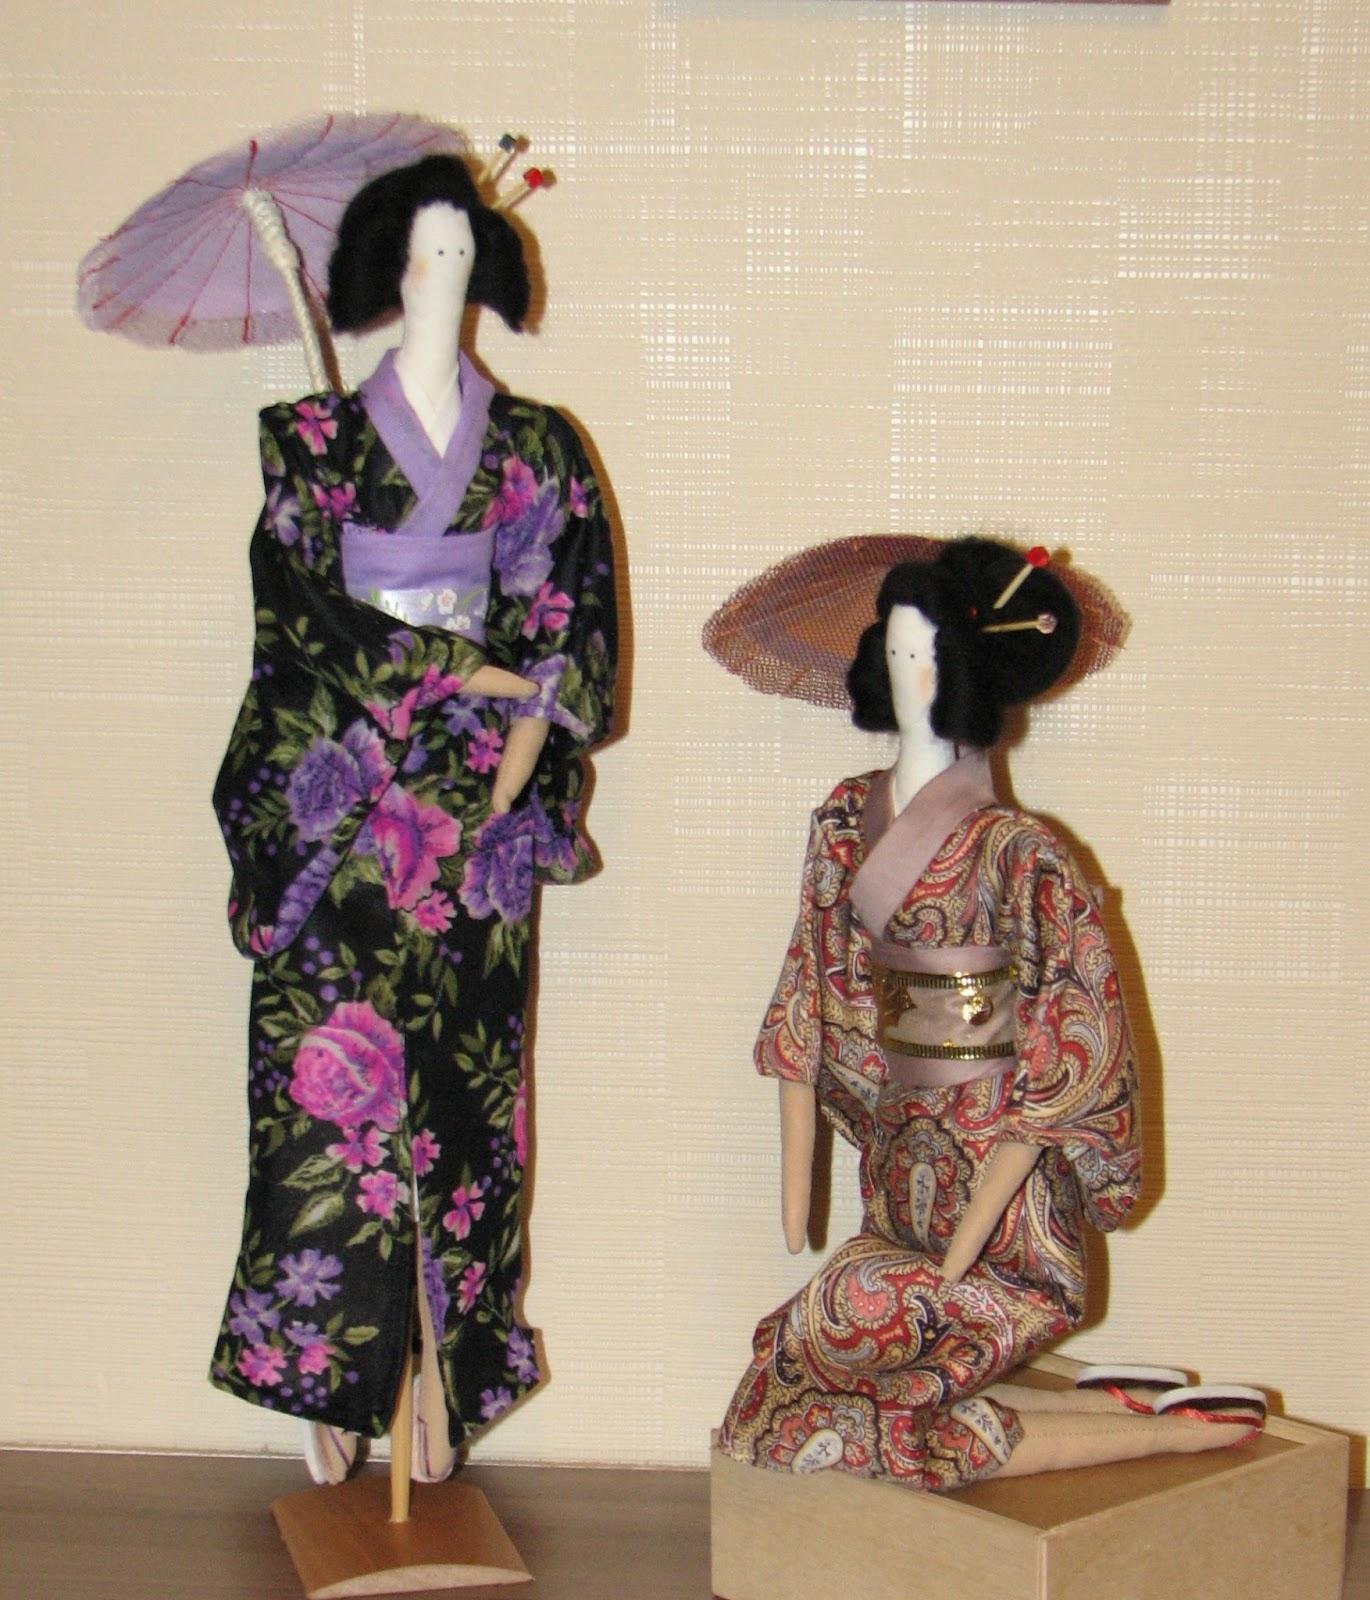 кофта с бантиками в зади и с дырками вязаные фото в моде на взрослых